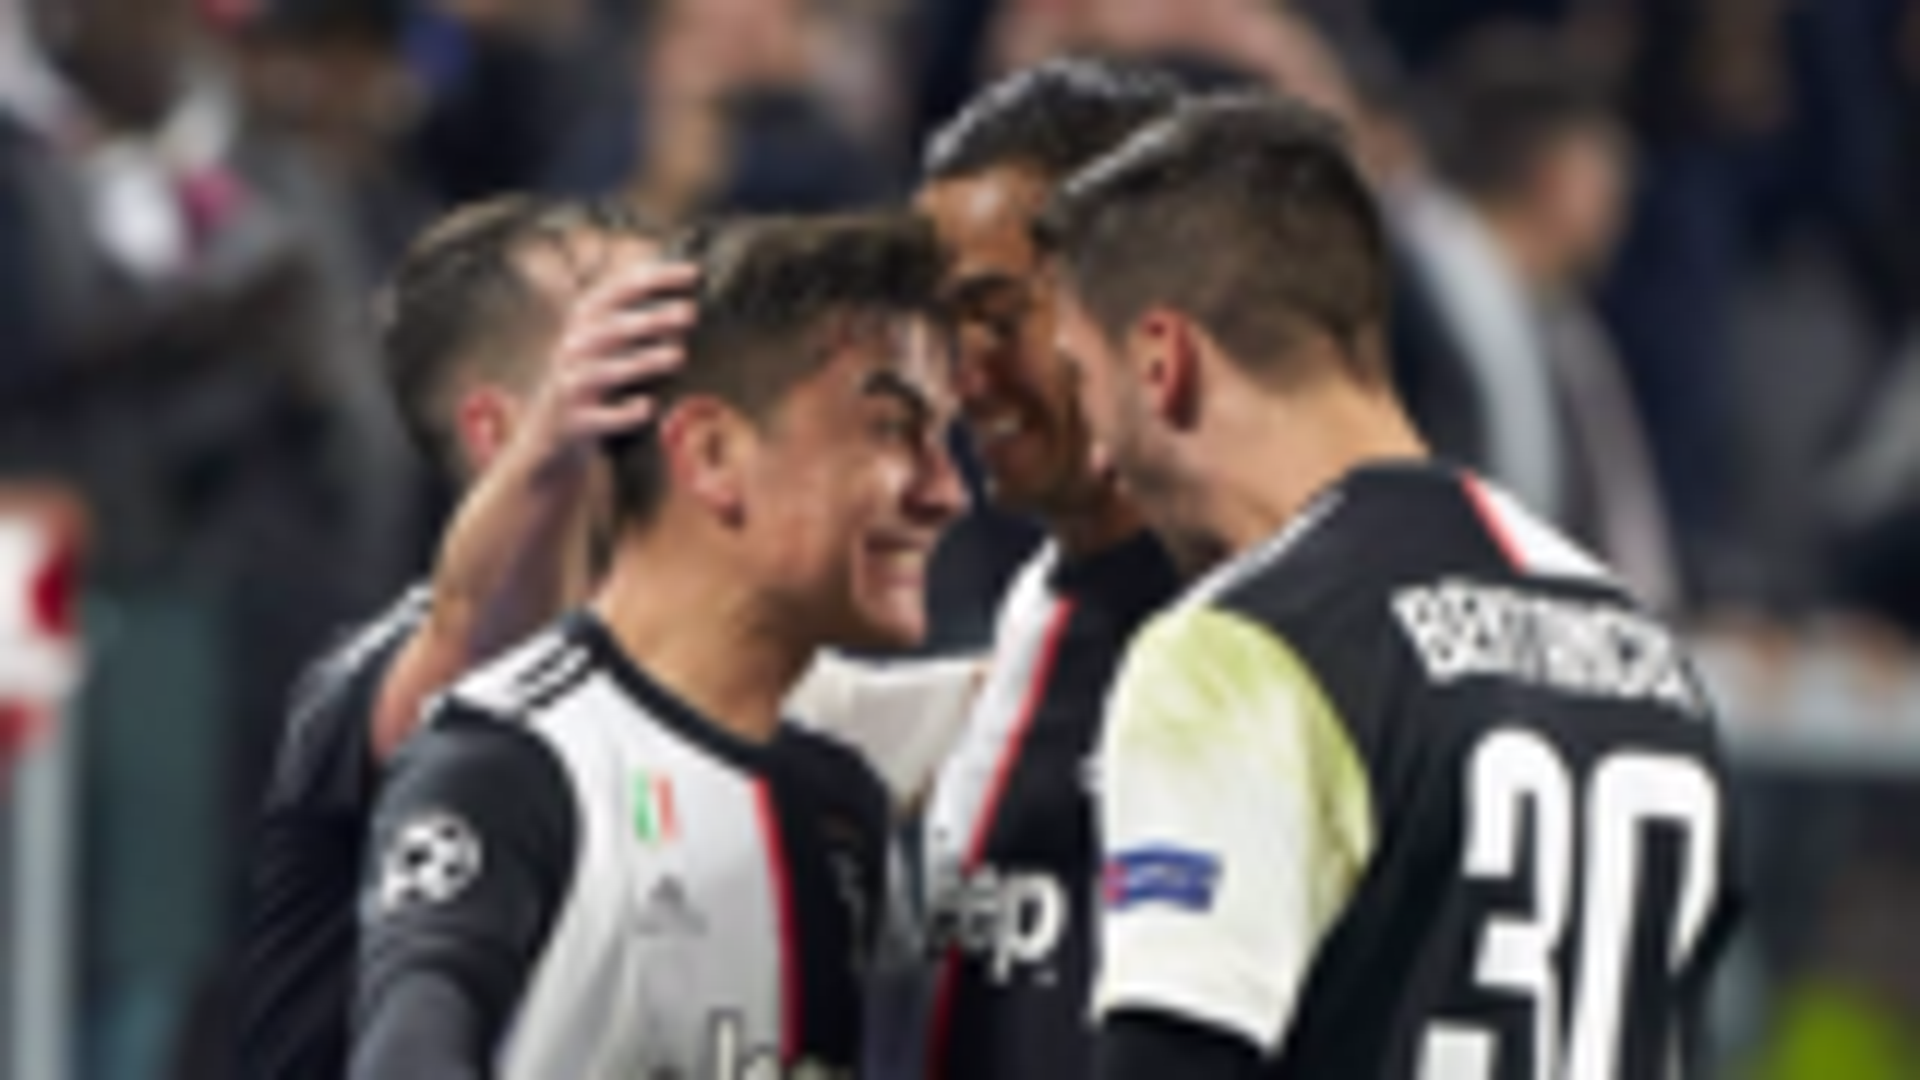 2019-2020赛季欧冠小组赛第5轮 尤文图斯vs马德里竞技 全场集锦